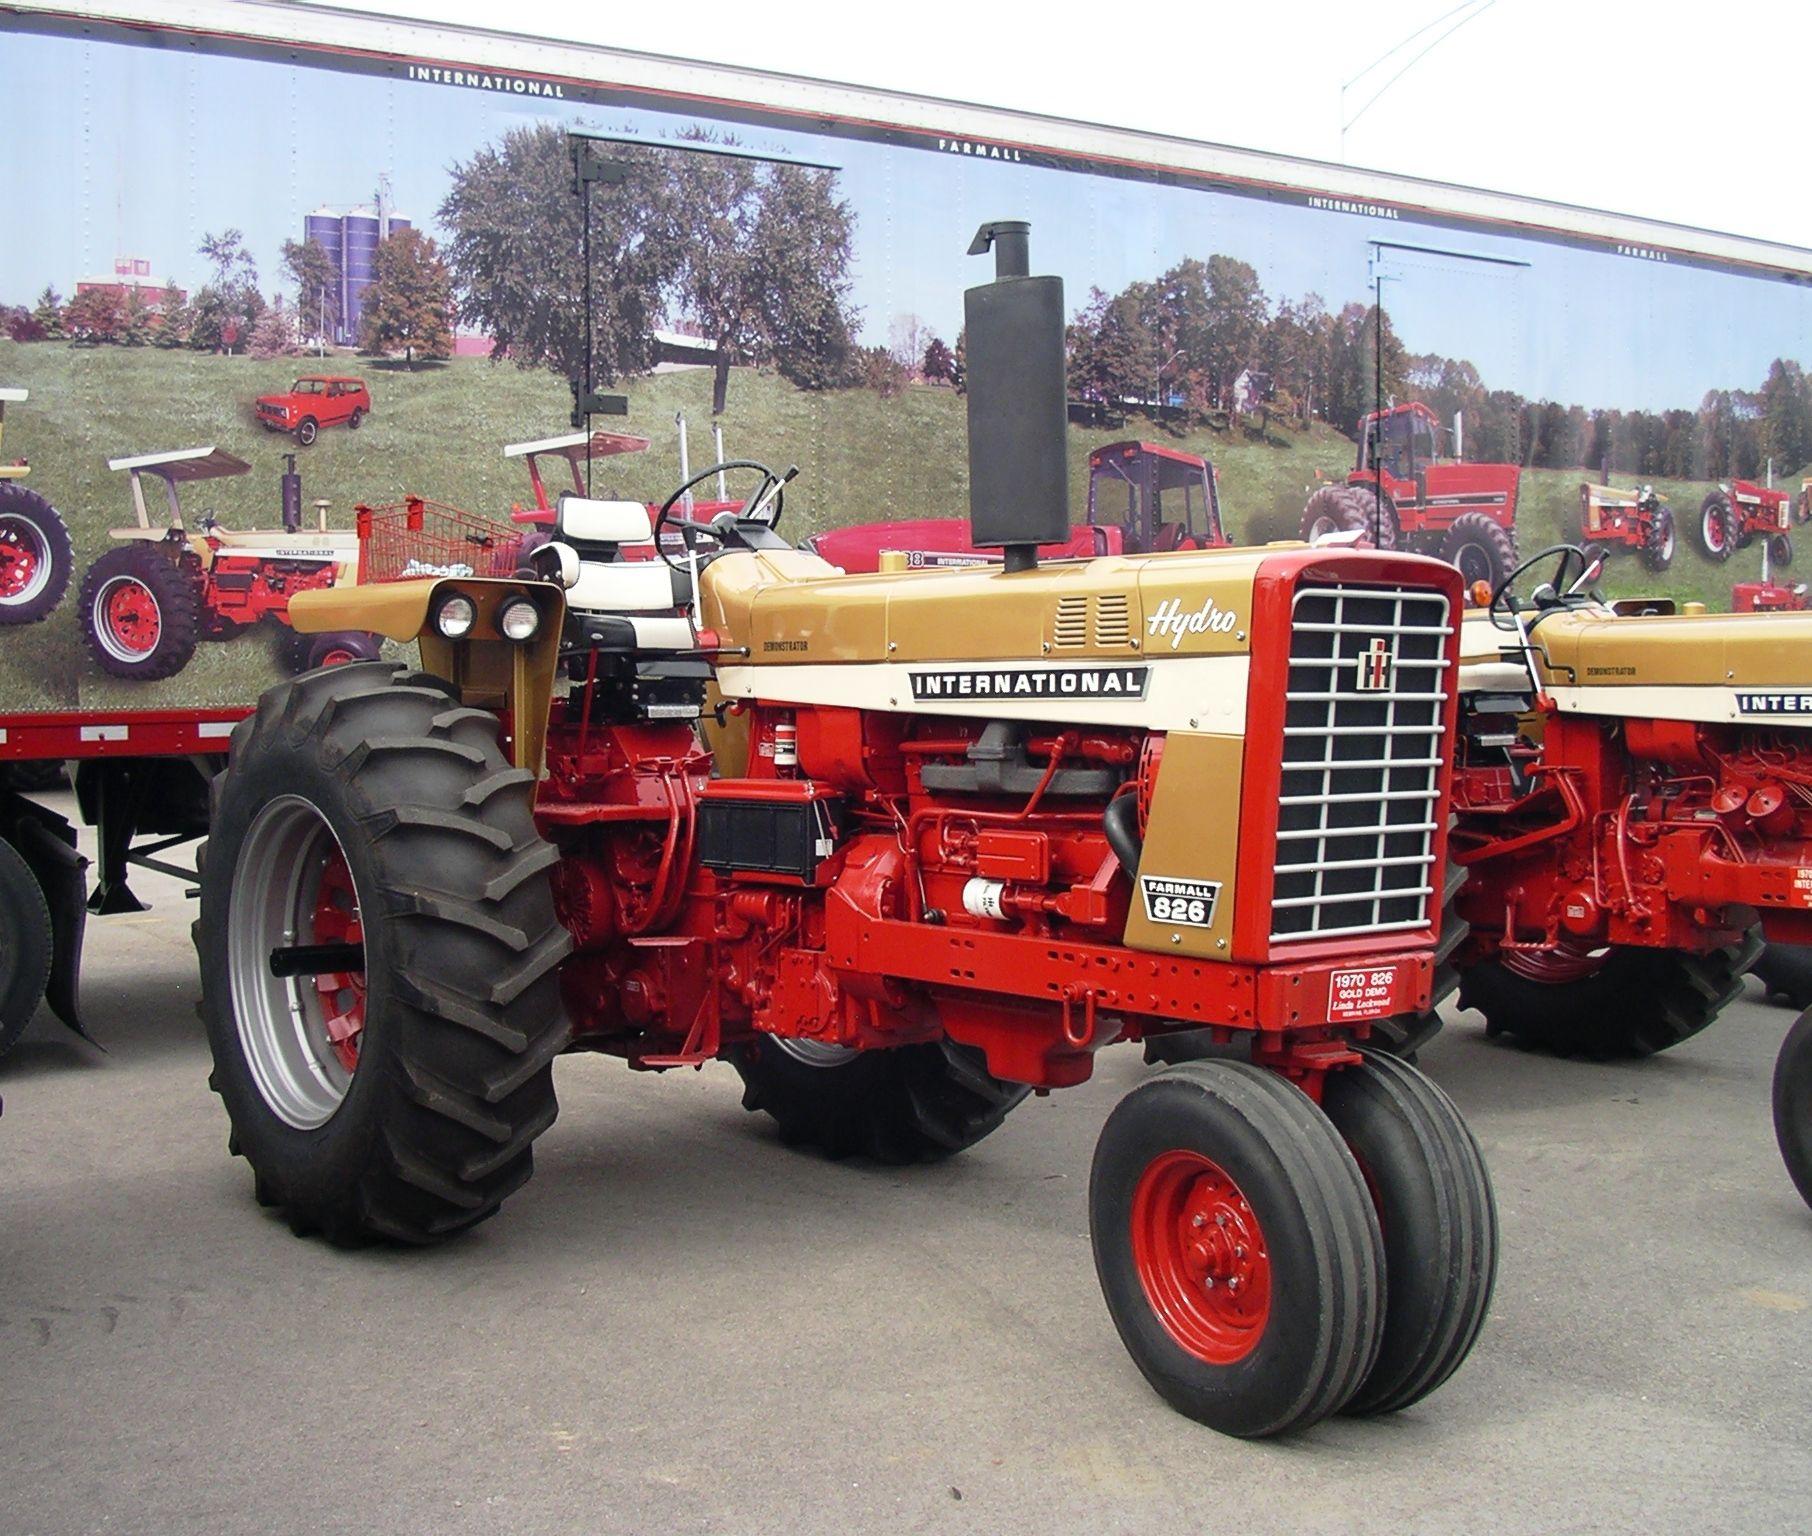 1970 IH 826 Gold Demo Hydro   Farmall tractors, Tractors